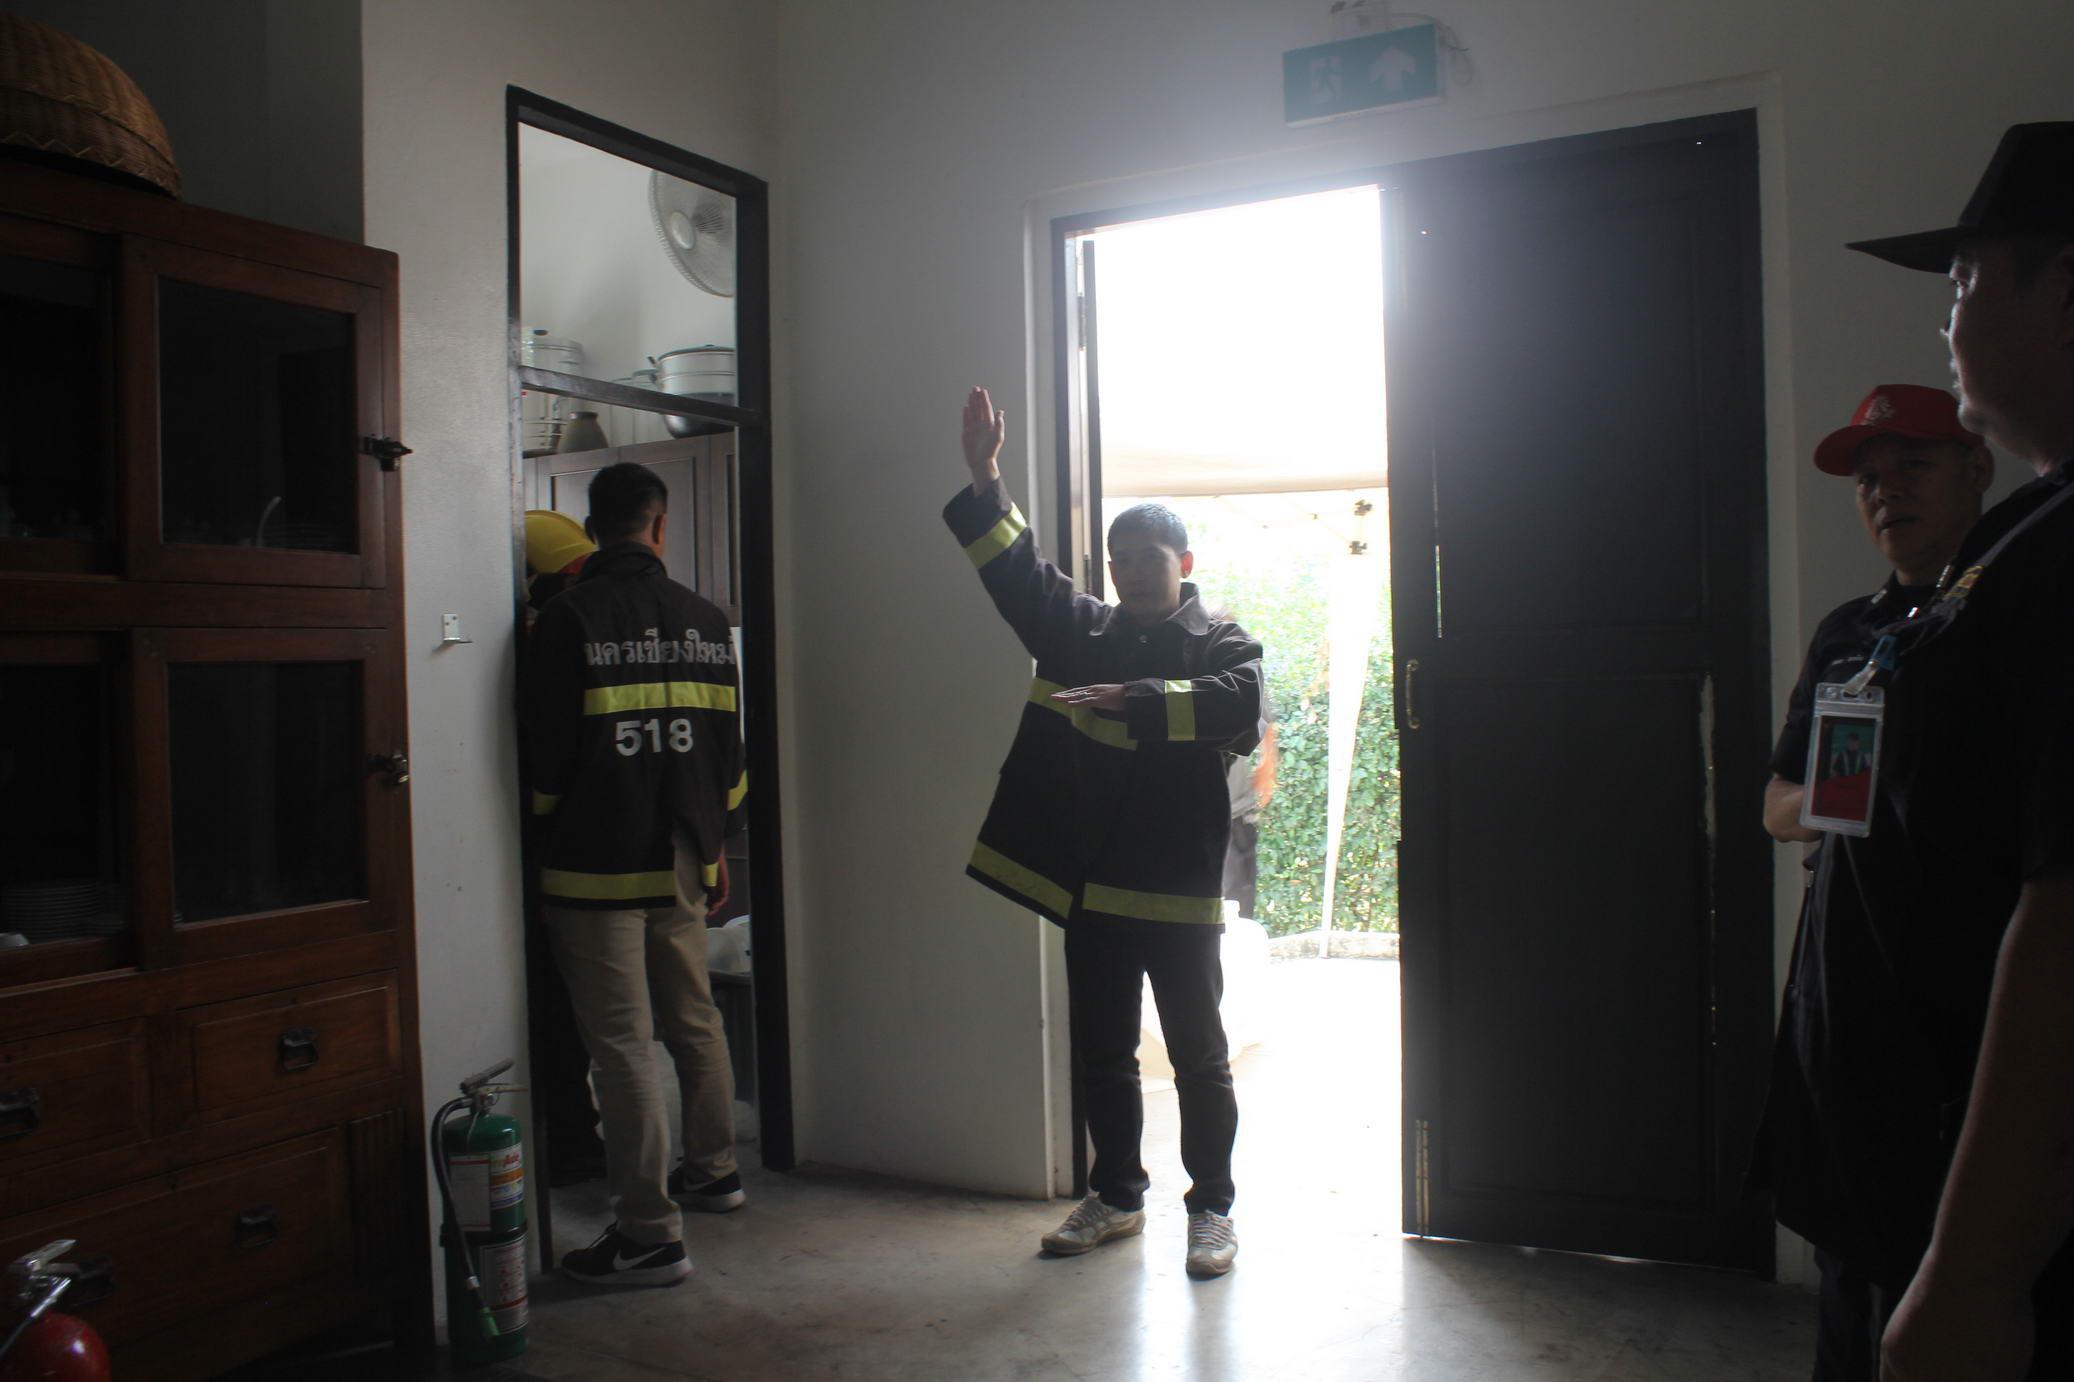 โครงการอบรมเชิงปฏิบัติการการฝึกซ้อมตามแผนฉุกเฉินเพื่อป้องกันและระงับเหตุอัคคีภัยและแผ่นดินไหว